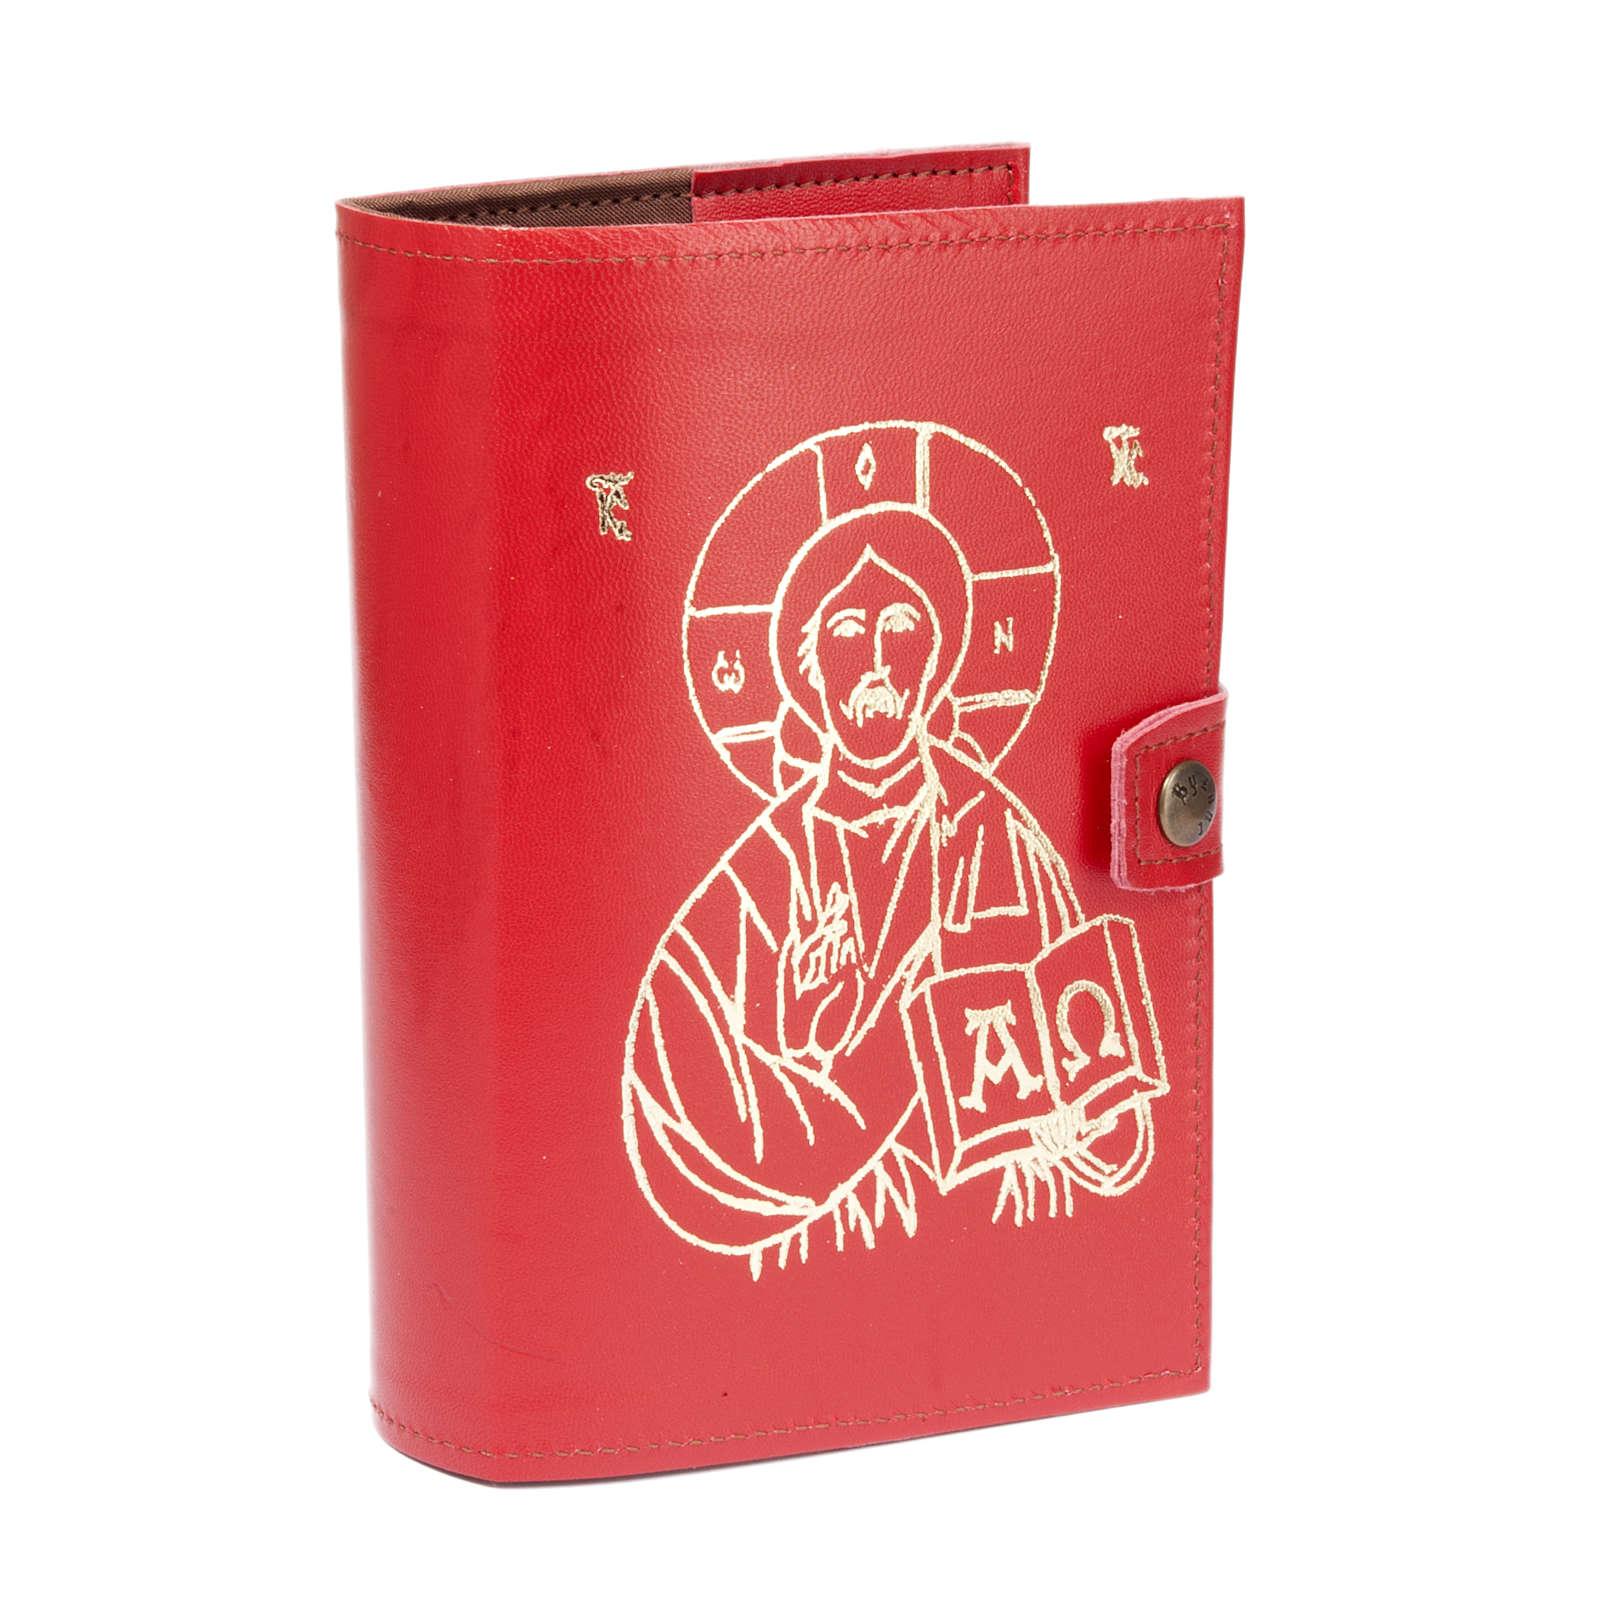 Copertina 4 vol.  pelle rossa immagine Gesù 4